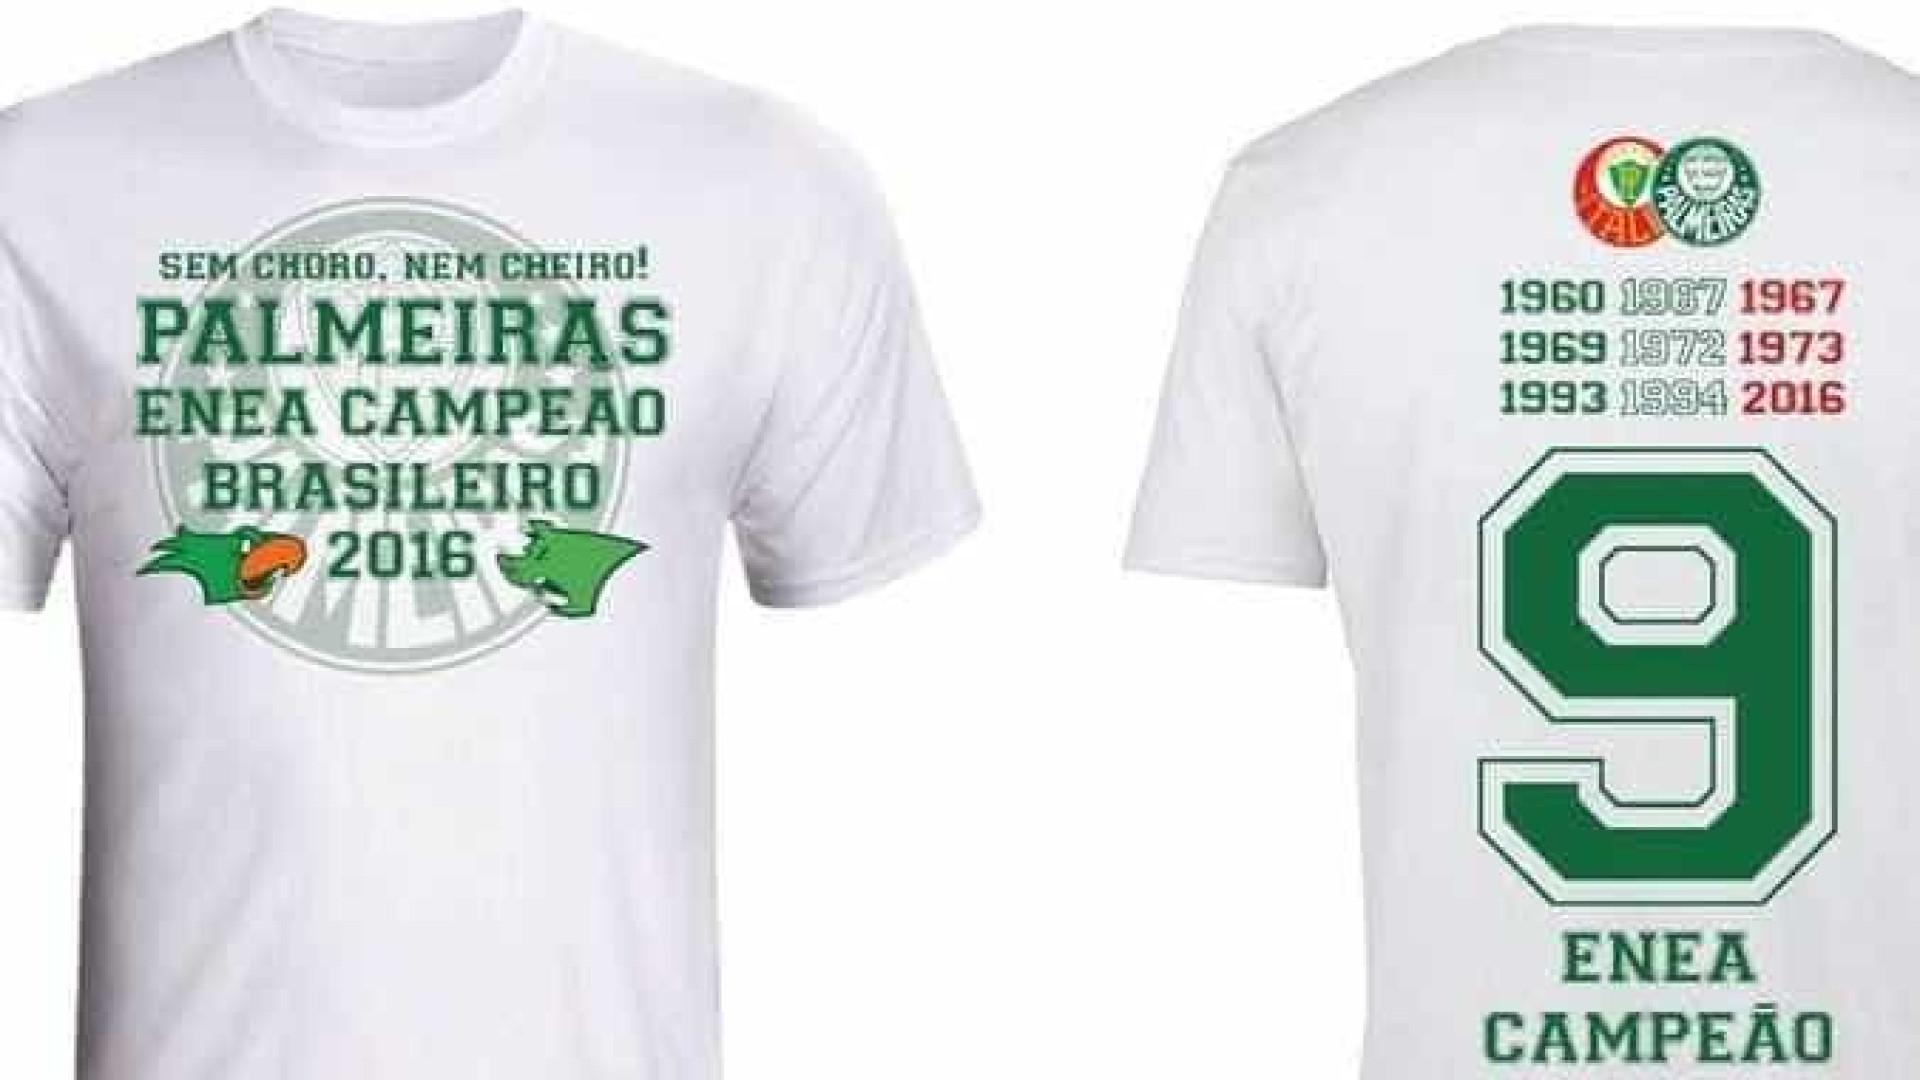 Palmeiras alfineta Flamengo em camisa comemorativa ao título